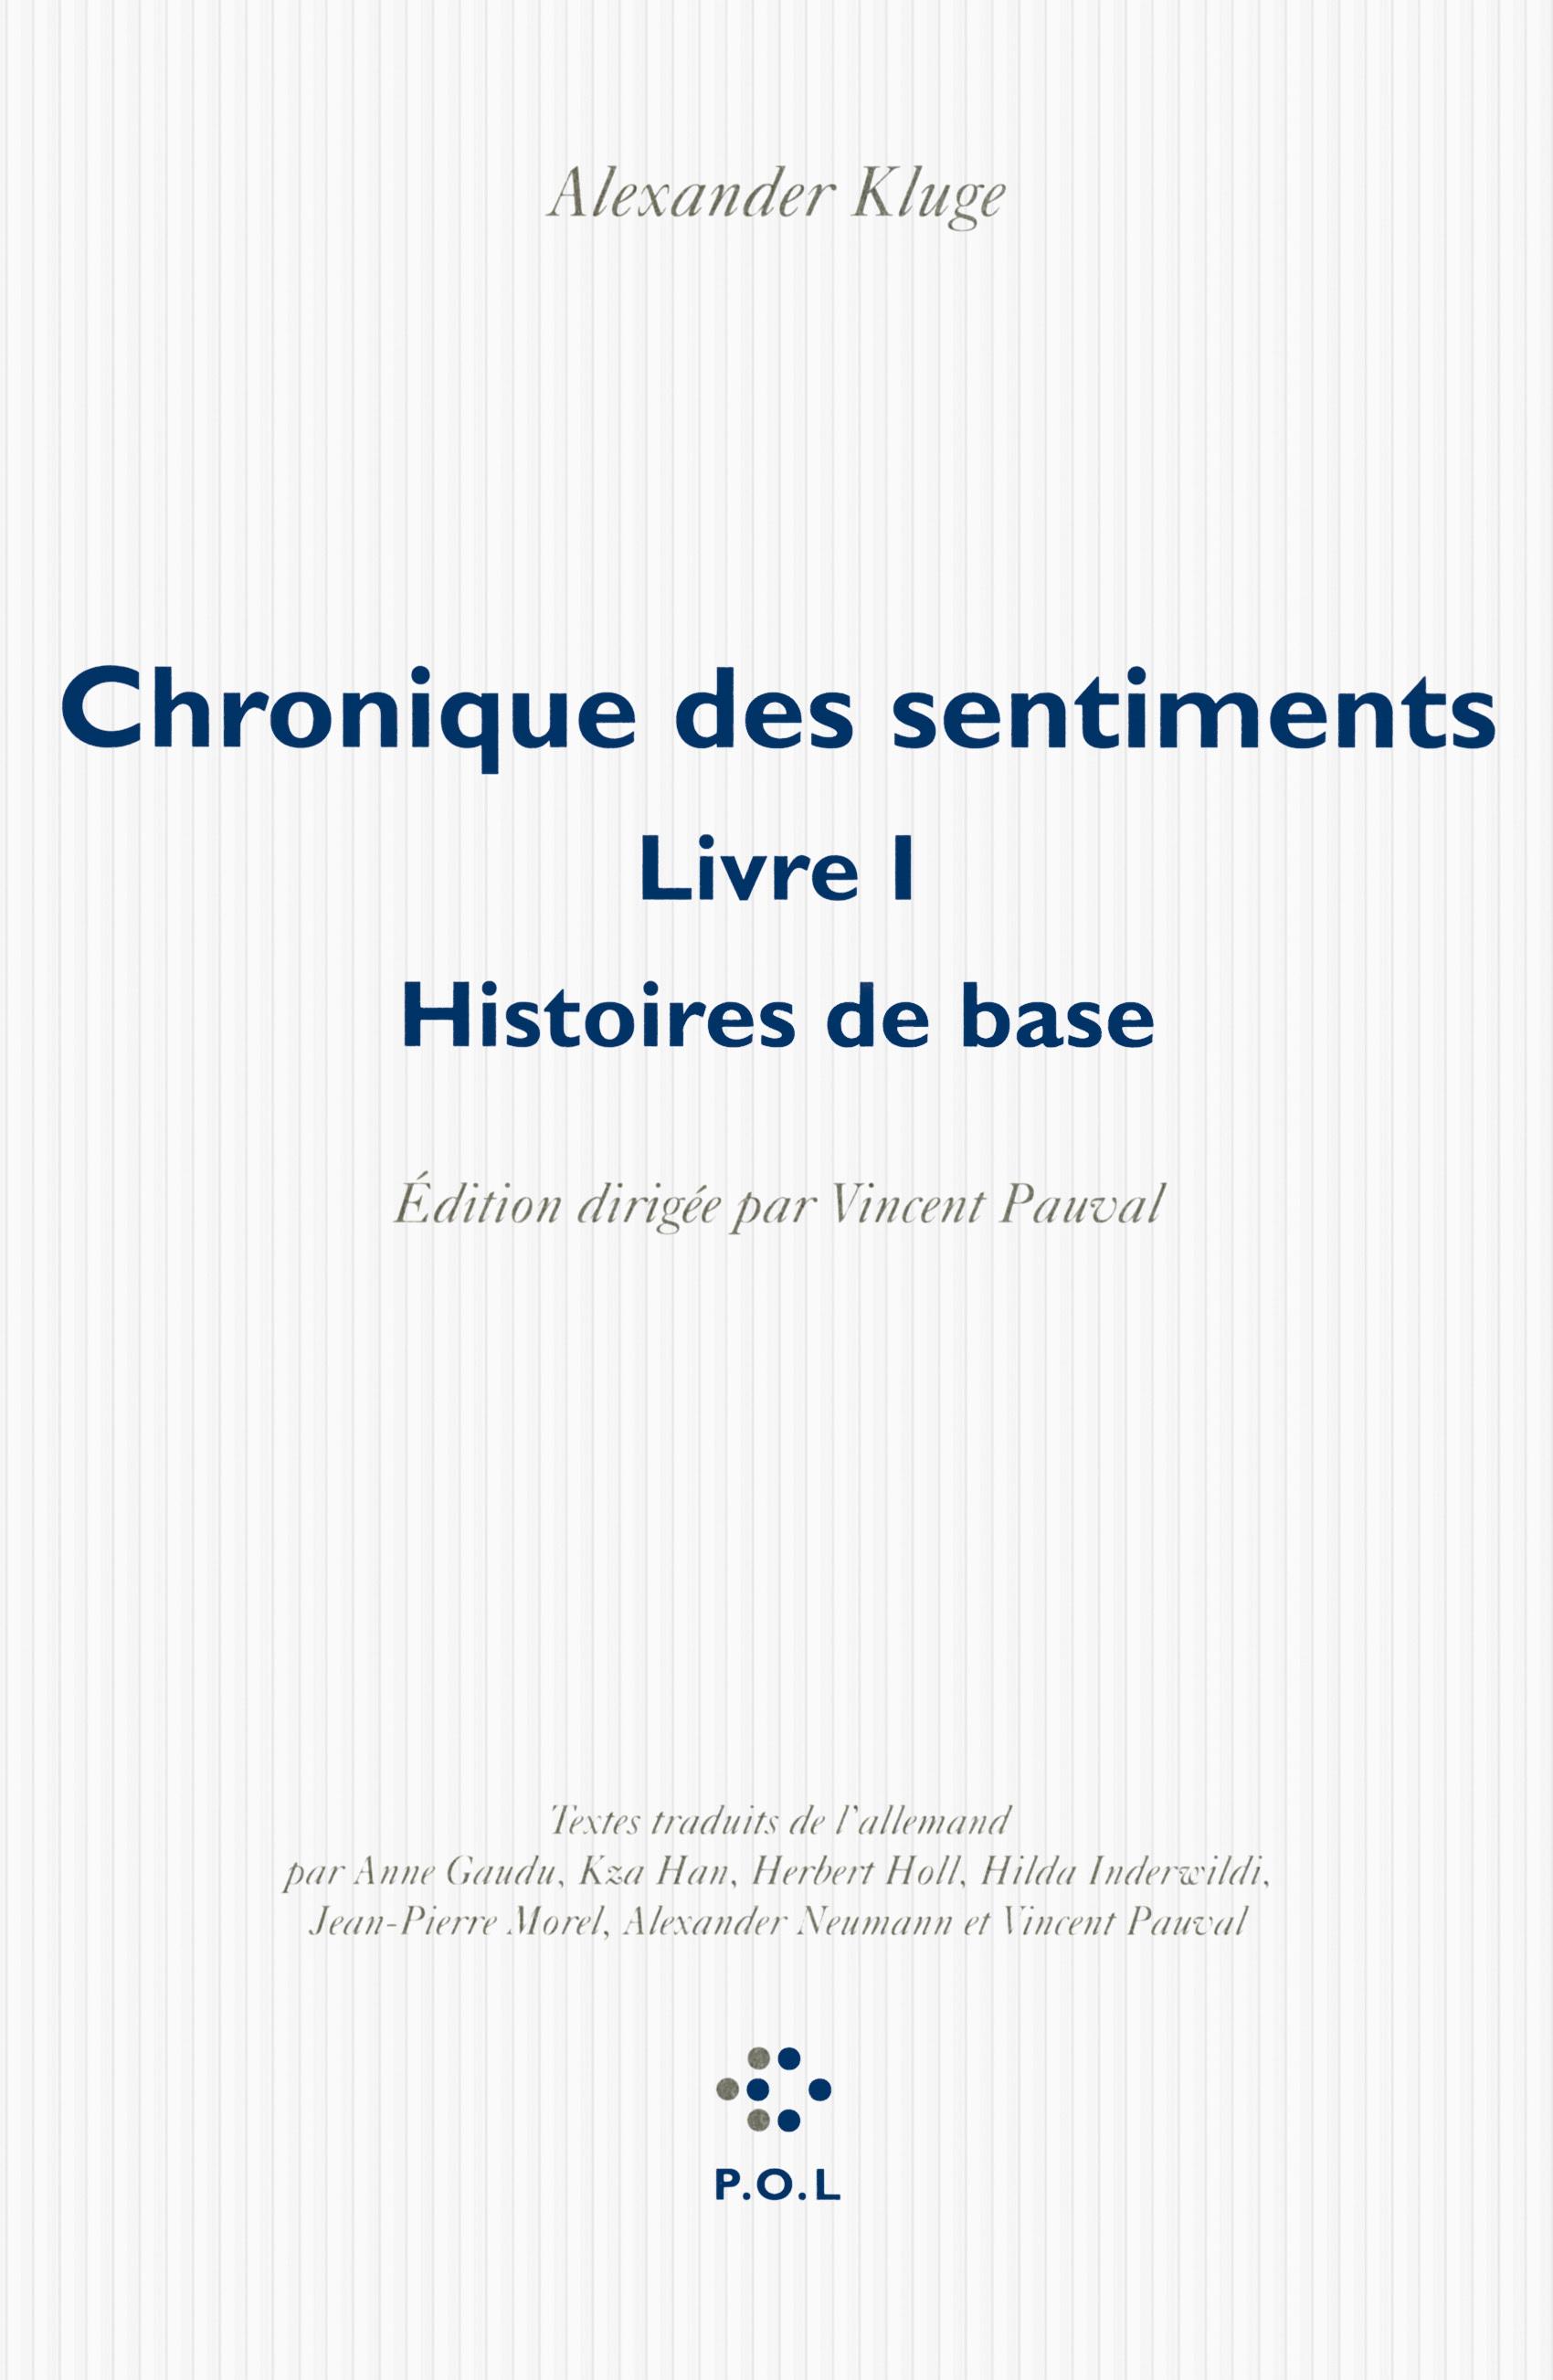 CHRONIQUE DES SENTIMENTS - HISTOIRES DE BASE